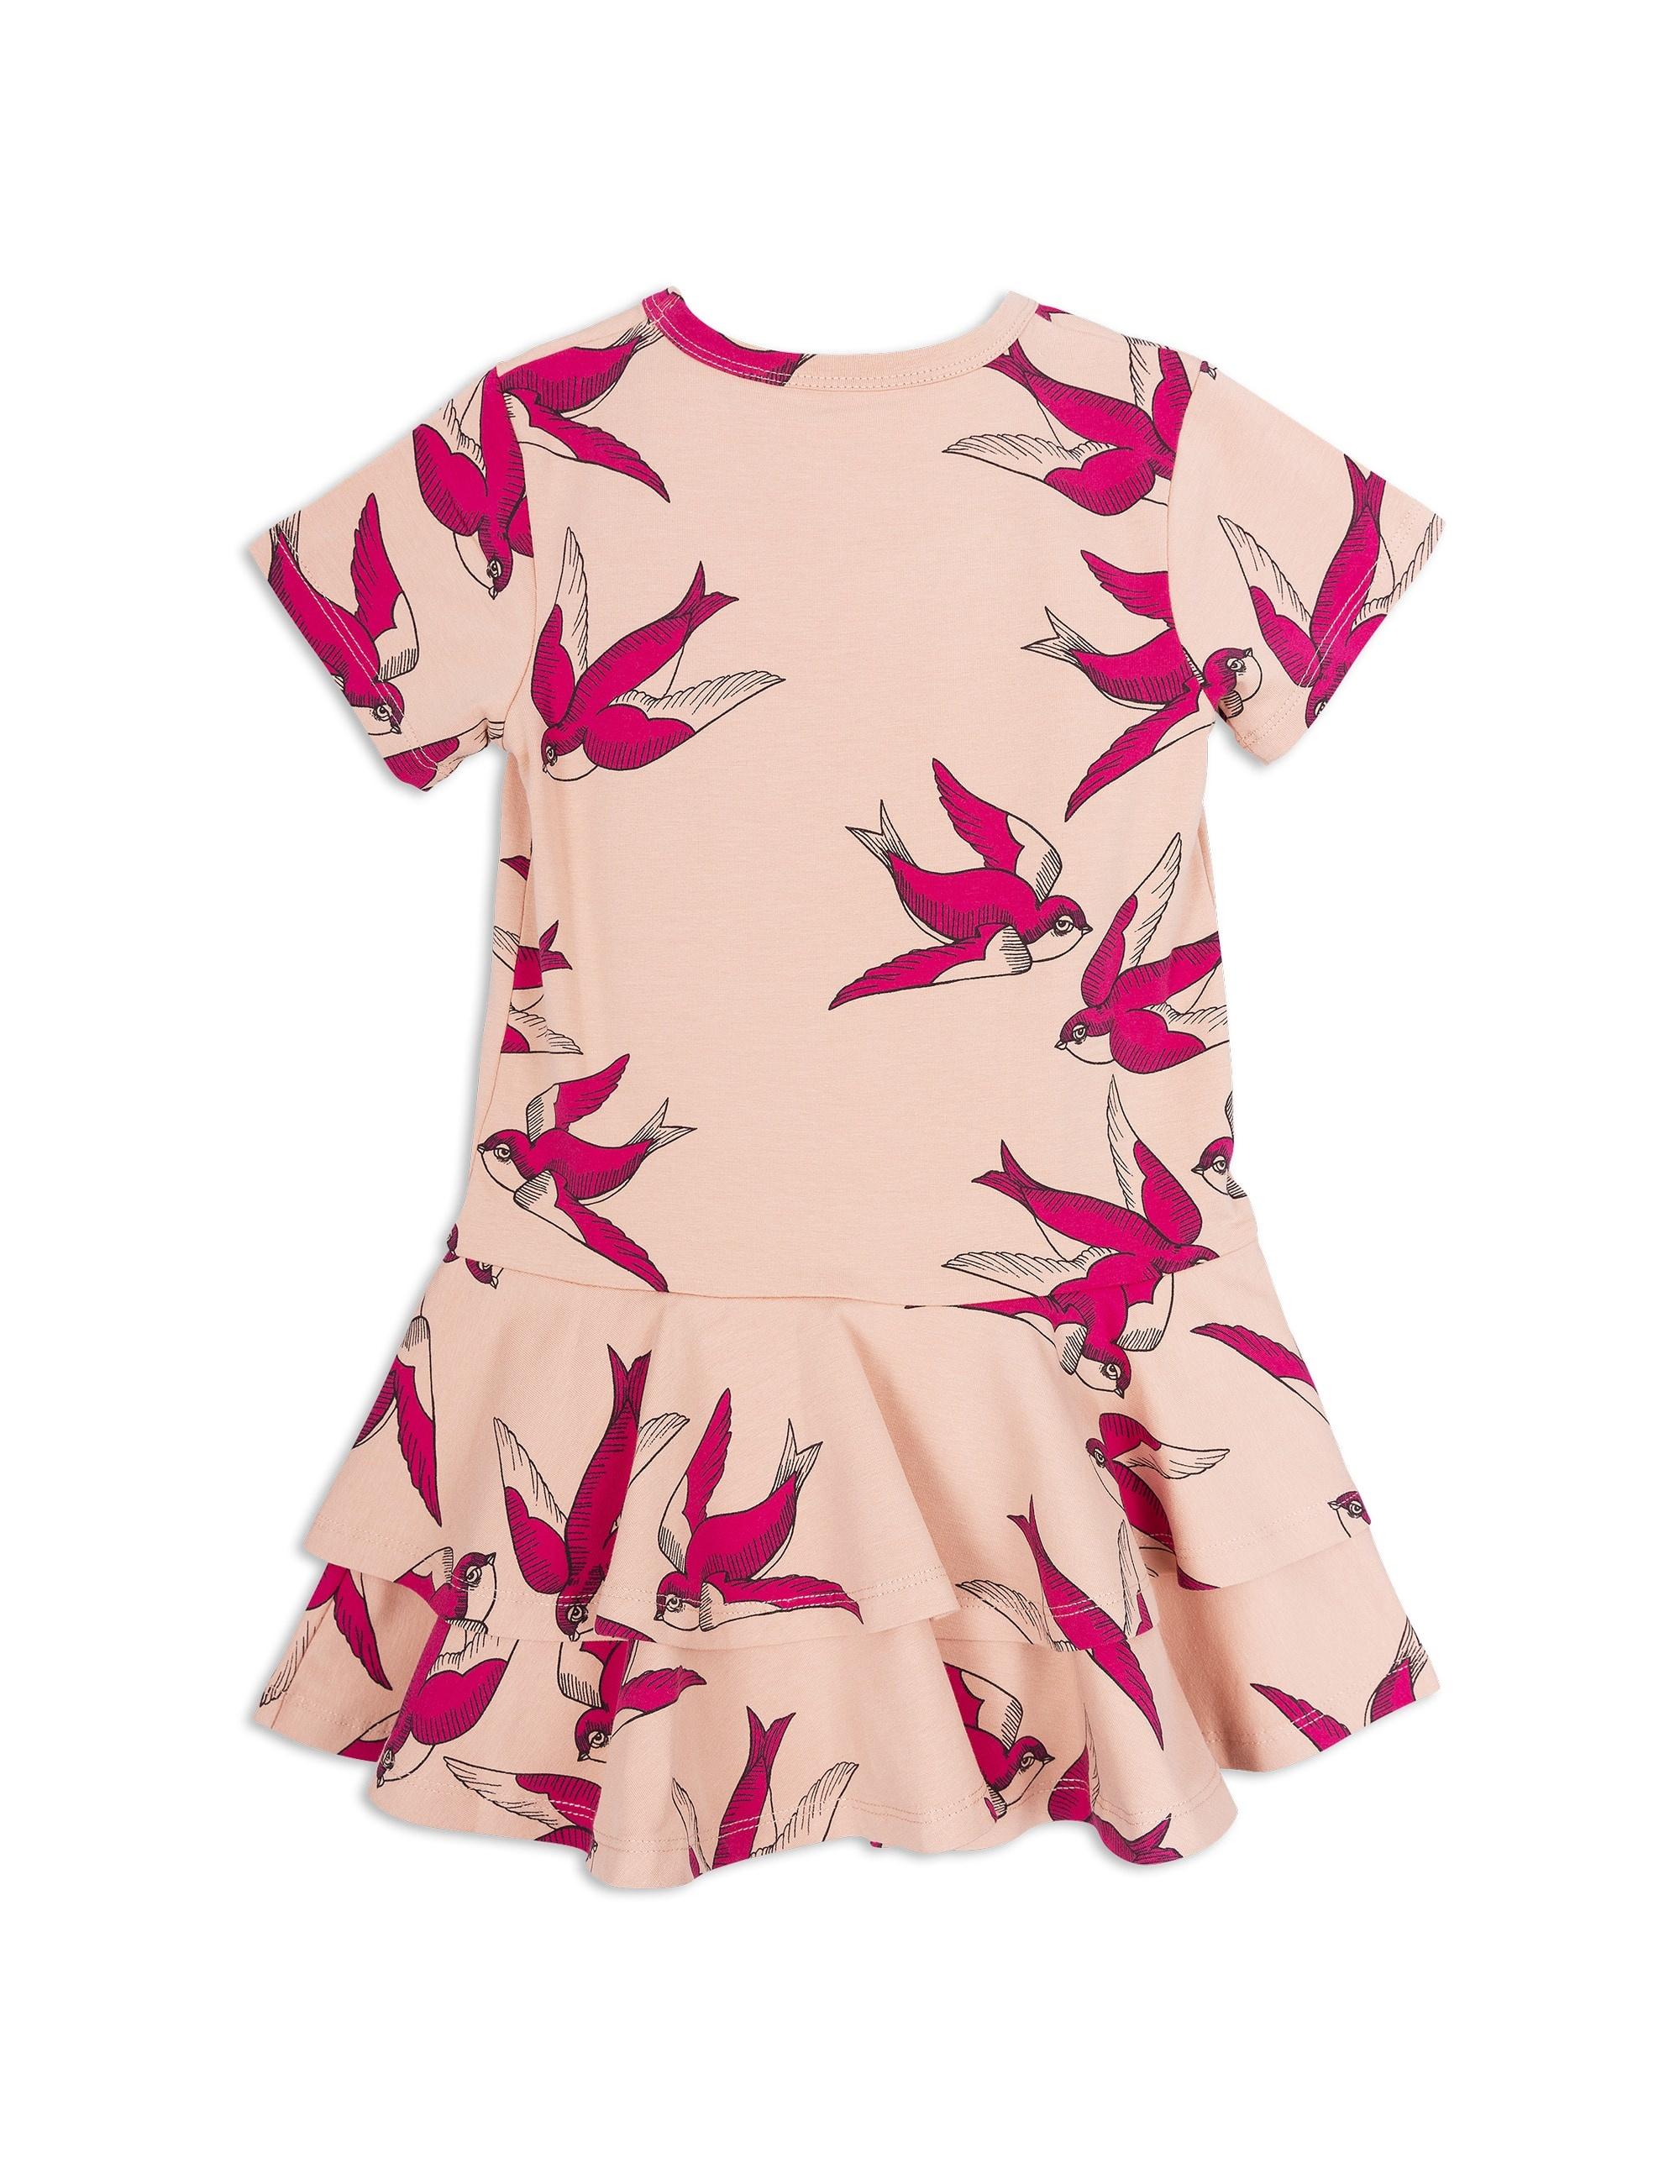 1825014233 2 mini rodini swallows frill dress pink